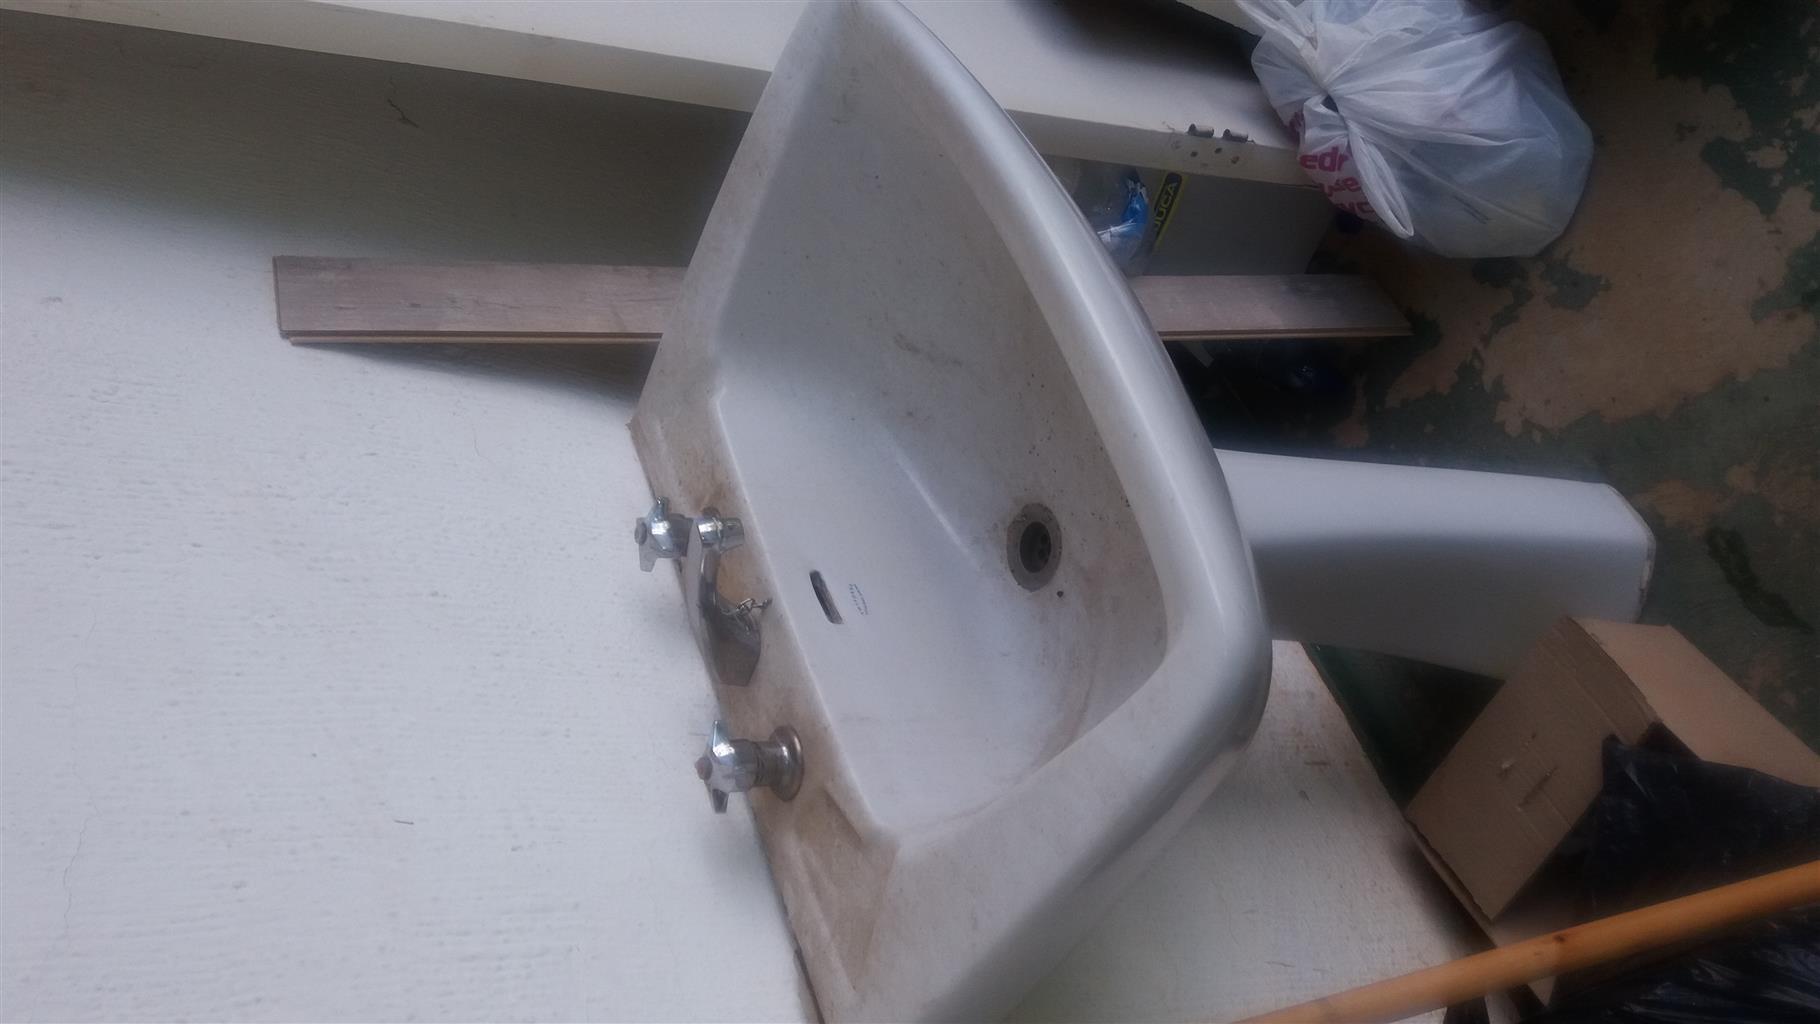 Bathroom Basin for Sale - R150